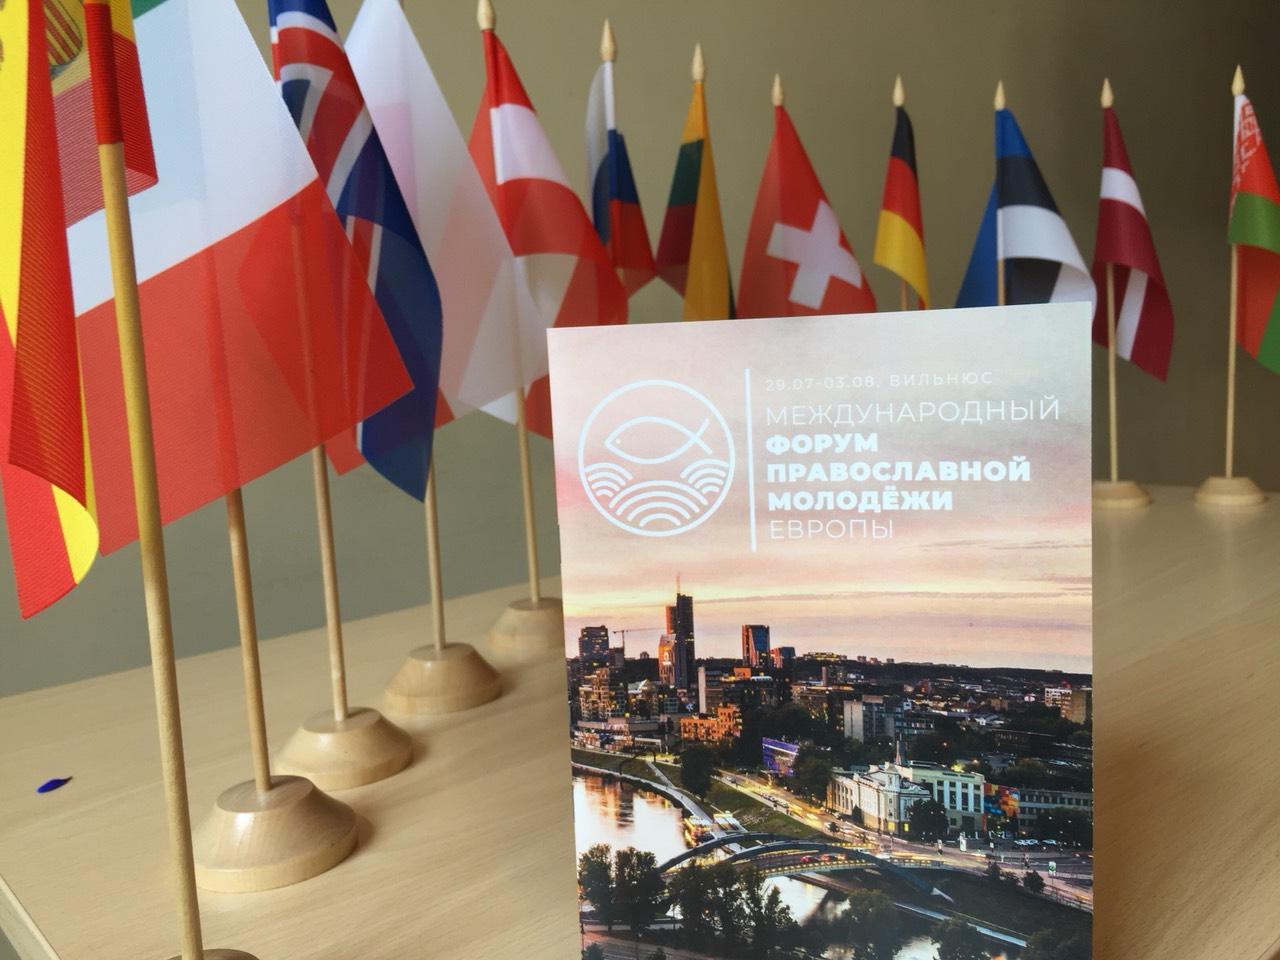 Опыт БПЦ по укреплению традиционных ценностей представили на международном молодёжном форуме в Вильнюсе